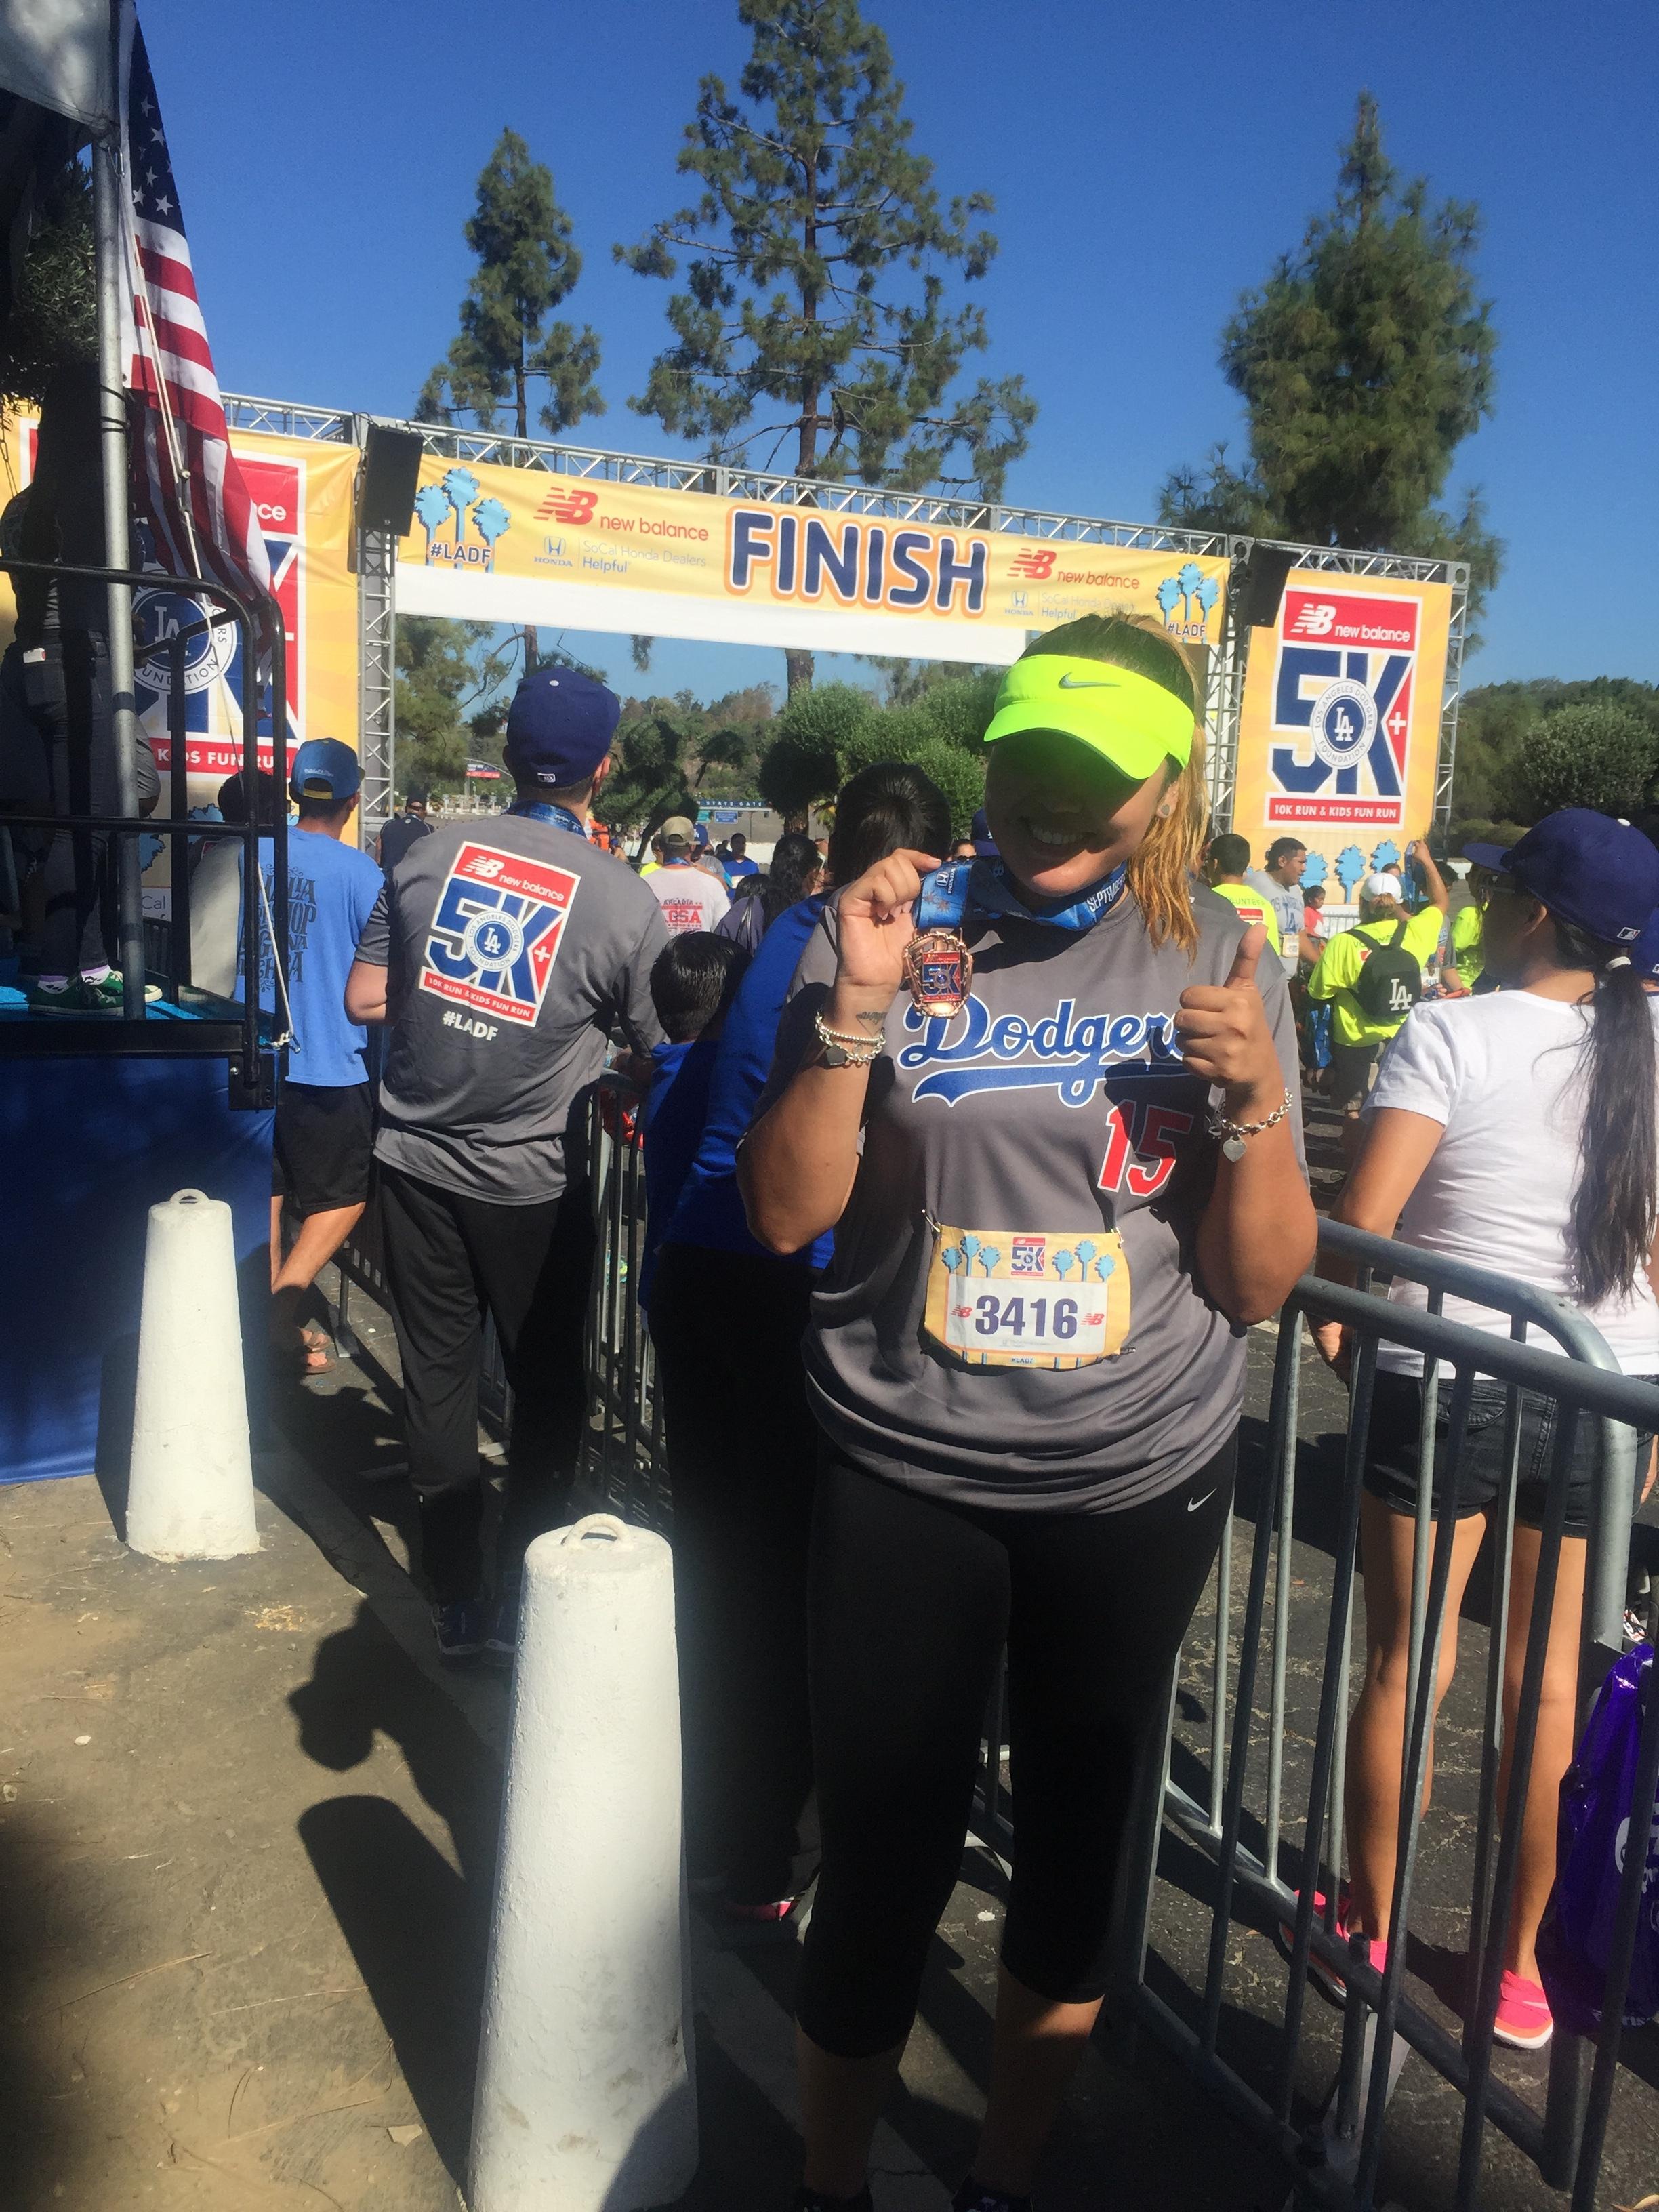 September 13, 2015 - My very first race, LA Dodgers Foundation 5K